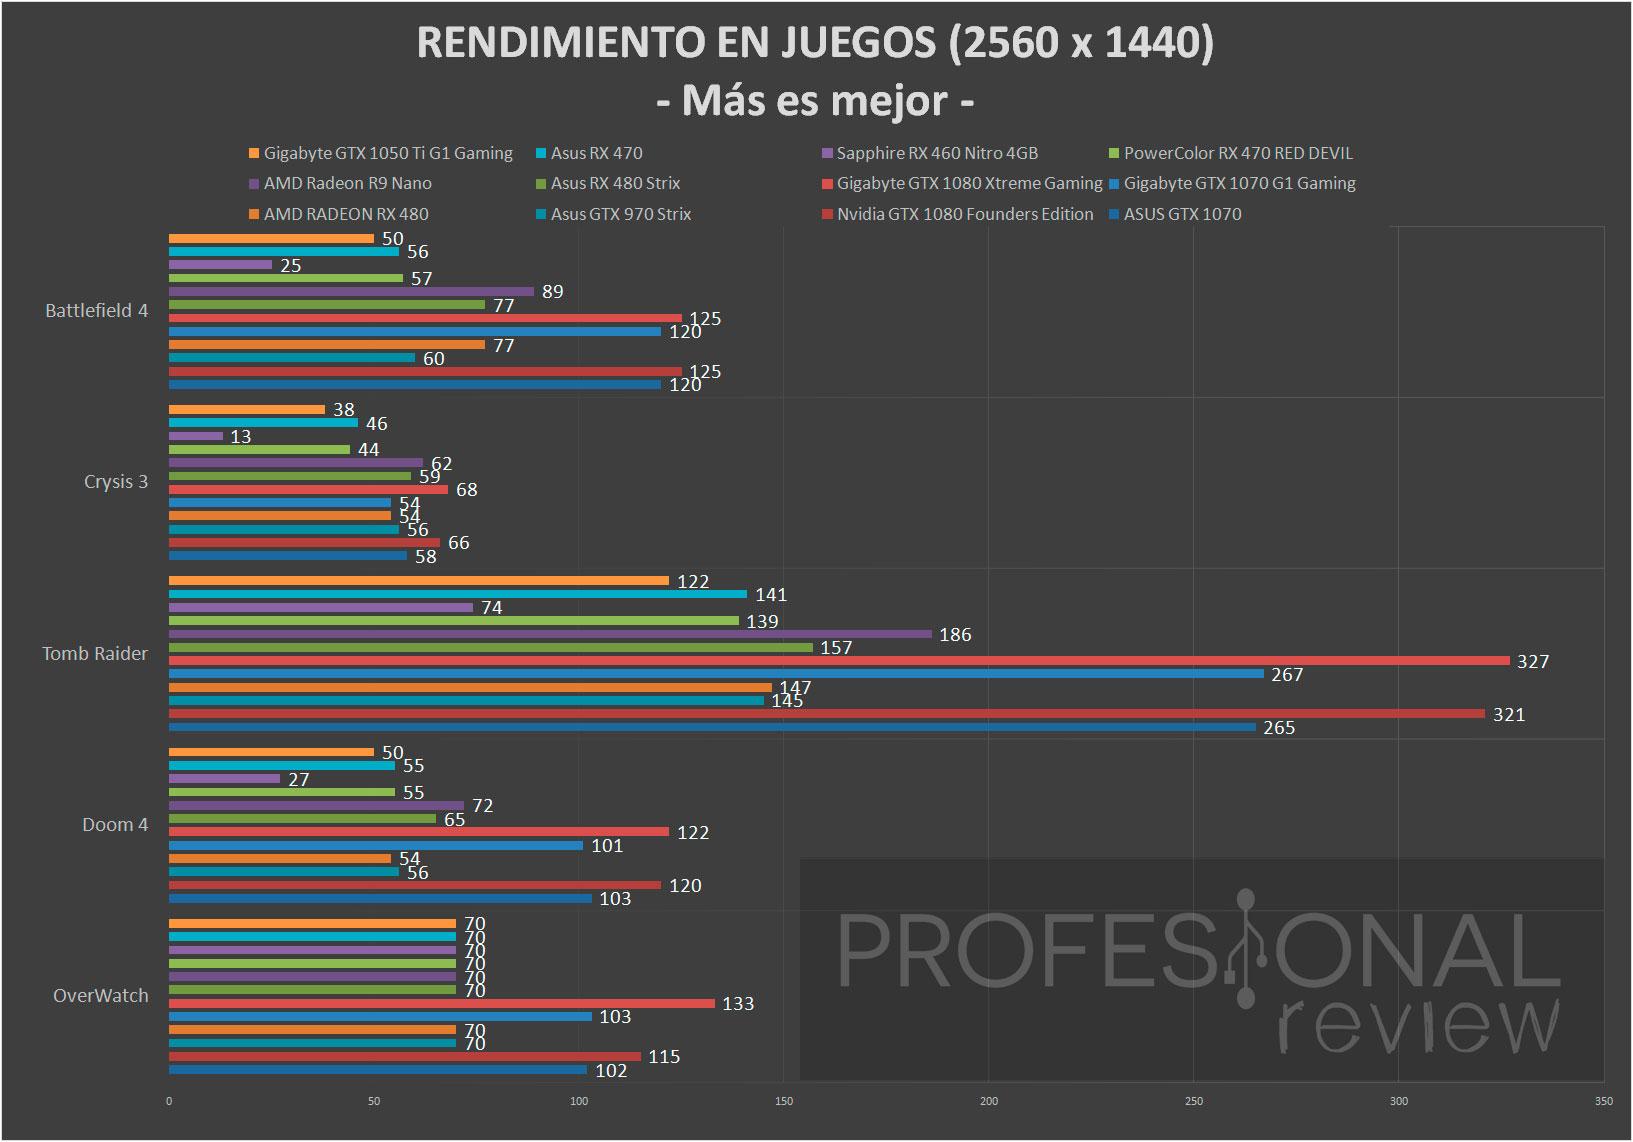 msi-gtx1050-ti-gaming-juegos1440